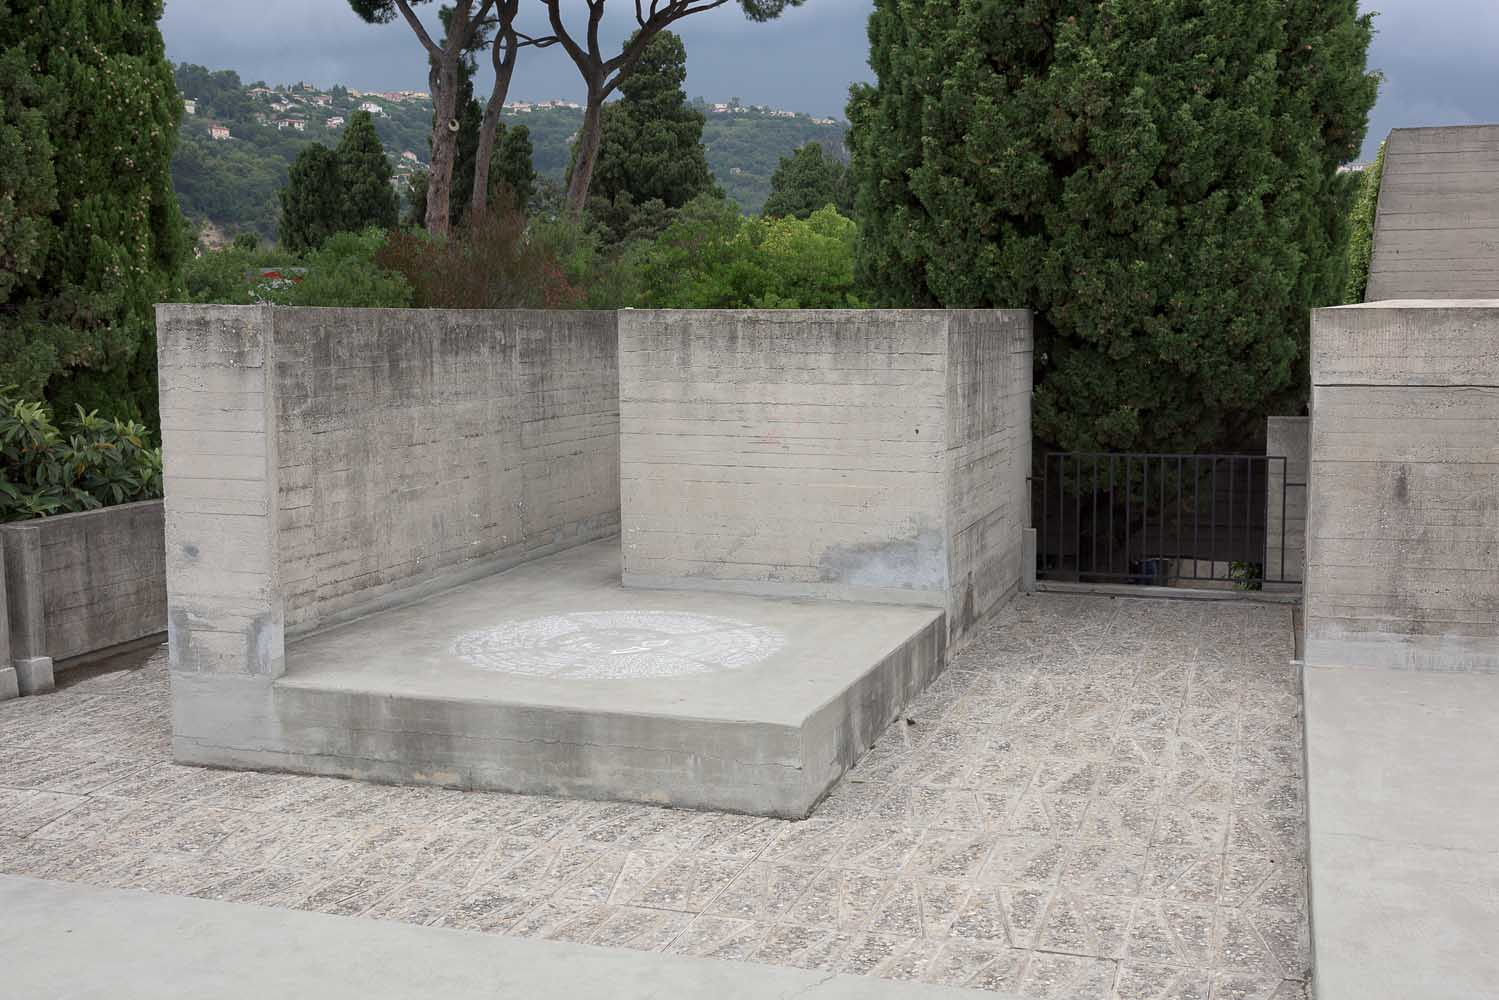 <em>Bonheur Massiu</em>, 2014 <br>dessin à la craie sur les terrasses de la Villa Arson, visible pendant l'écoute d'autres pièces sonores et performances en extérieur<br>dimensions variables